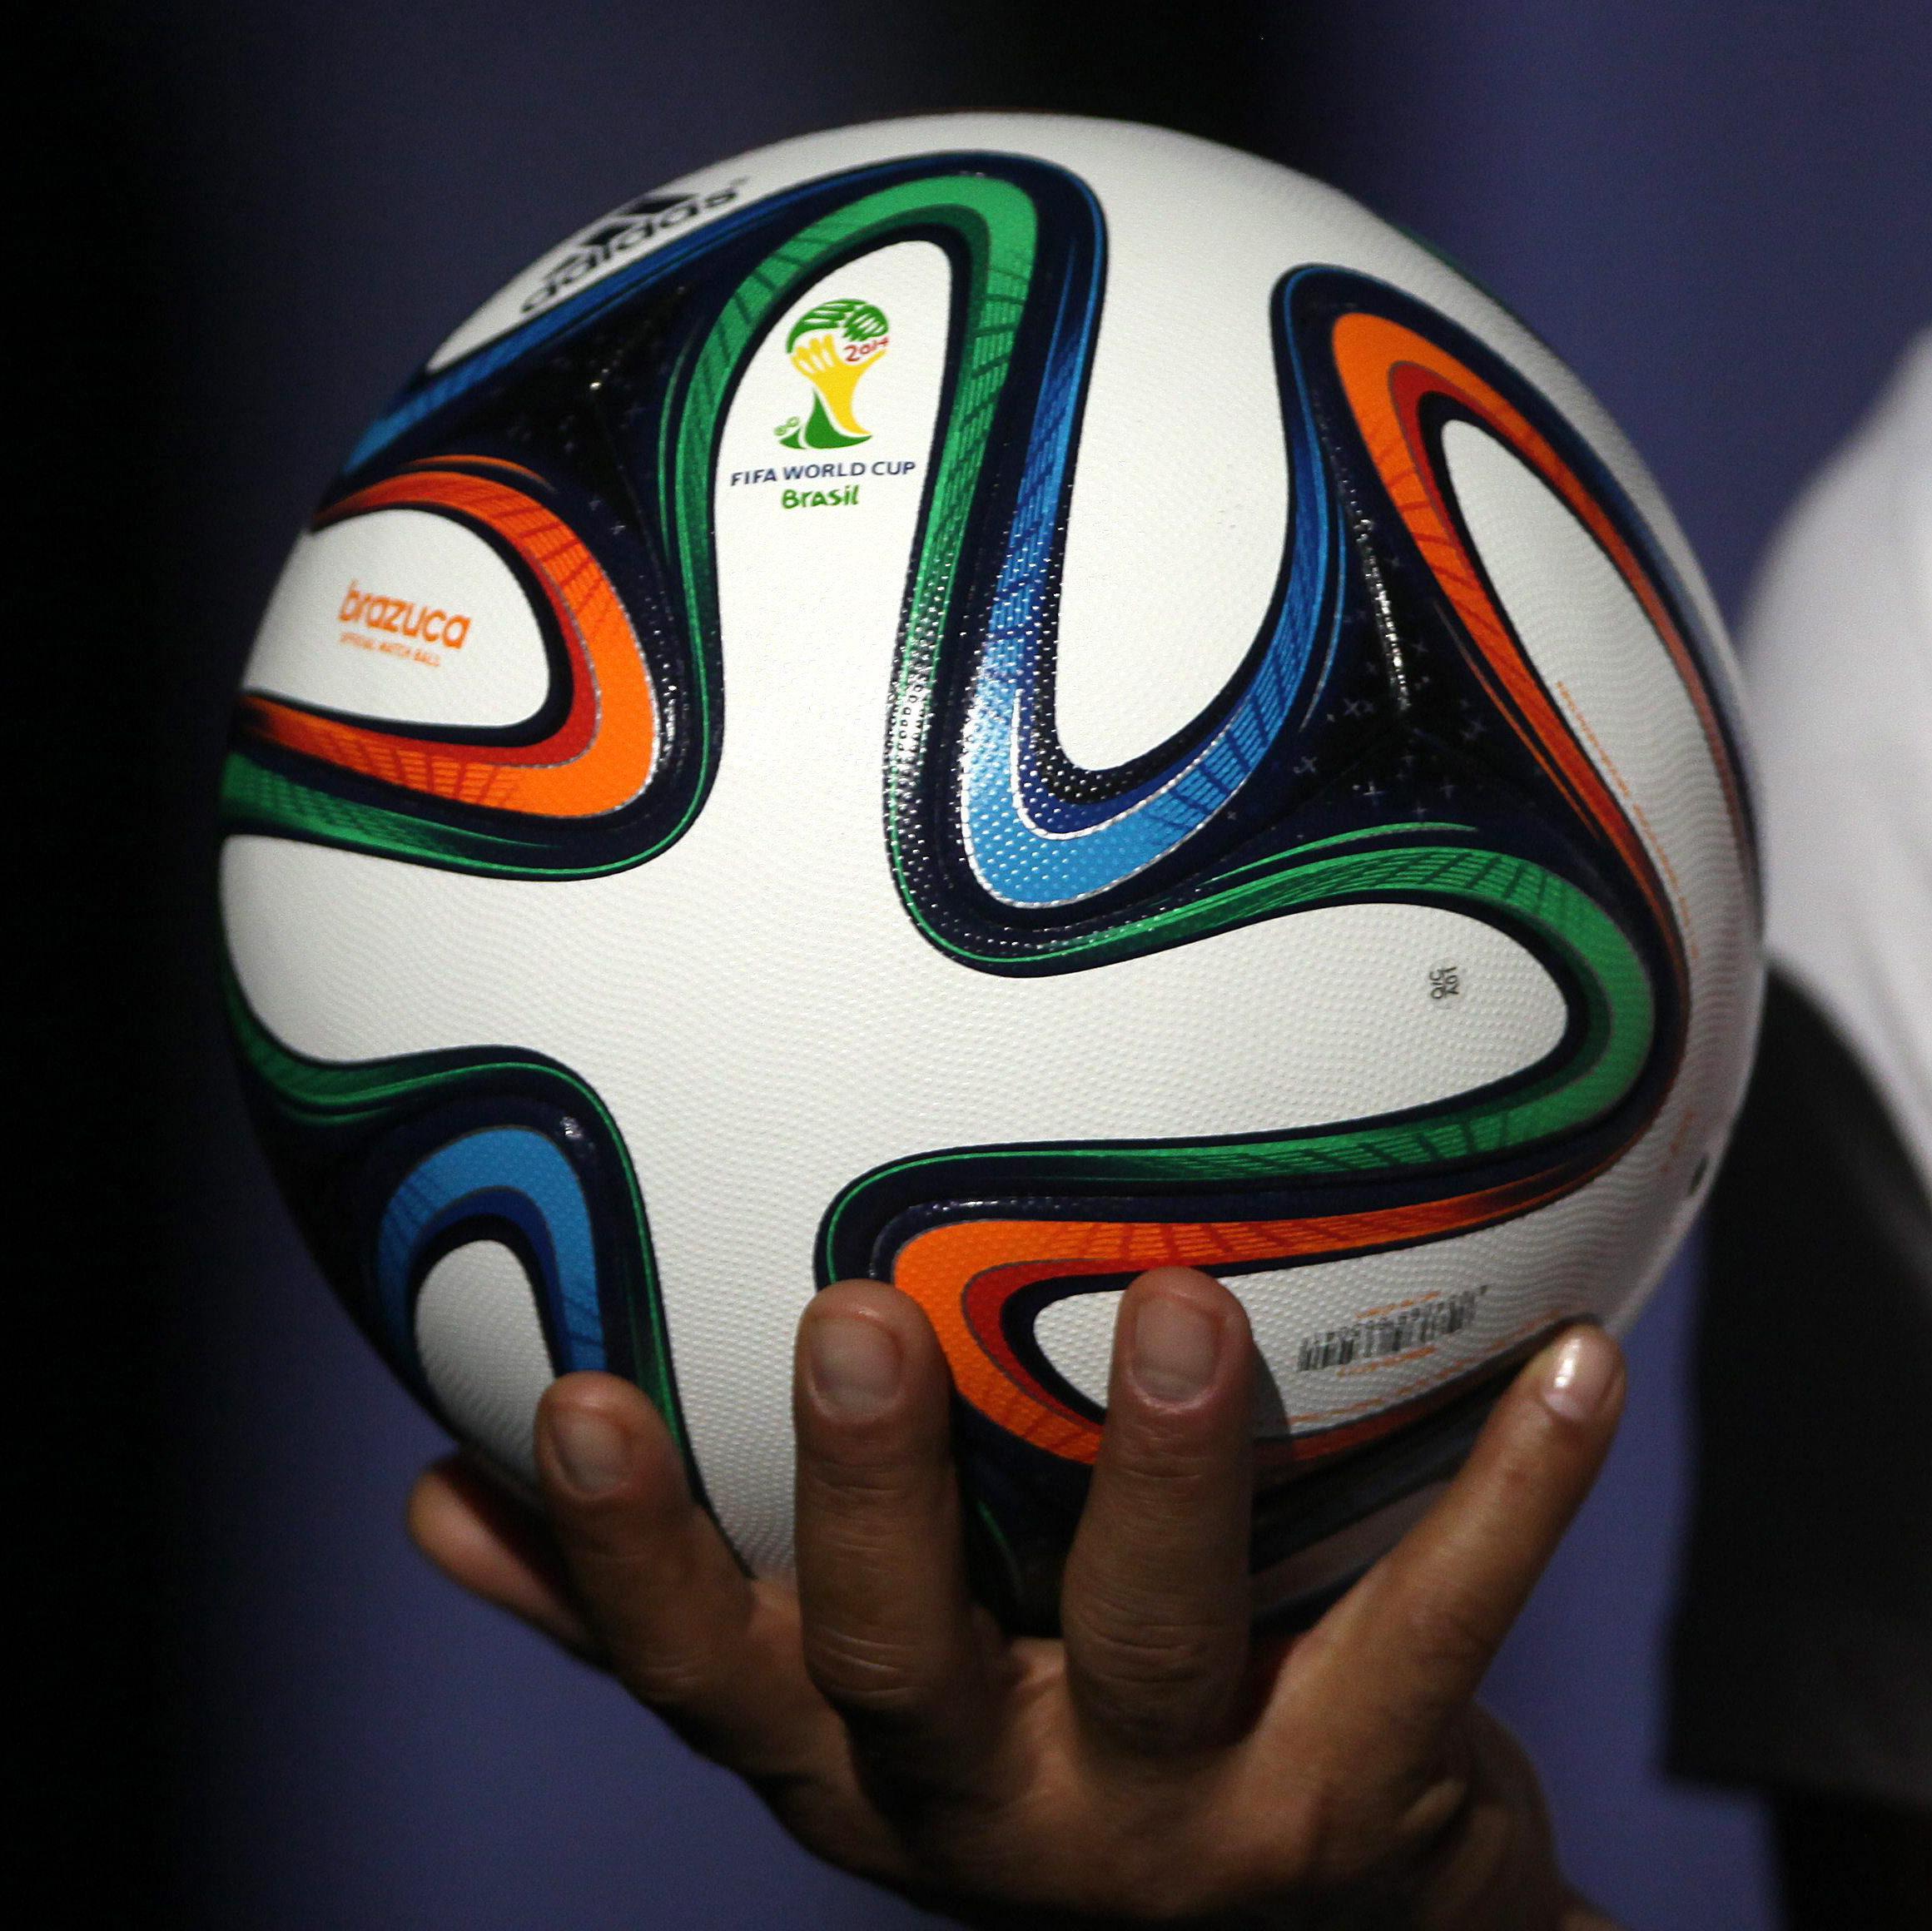 Le ballon de la coupe du monde 2014 enfin d voil elle man - La mascotte de la coupe du monde 2014 ...